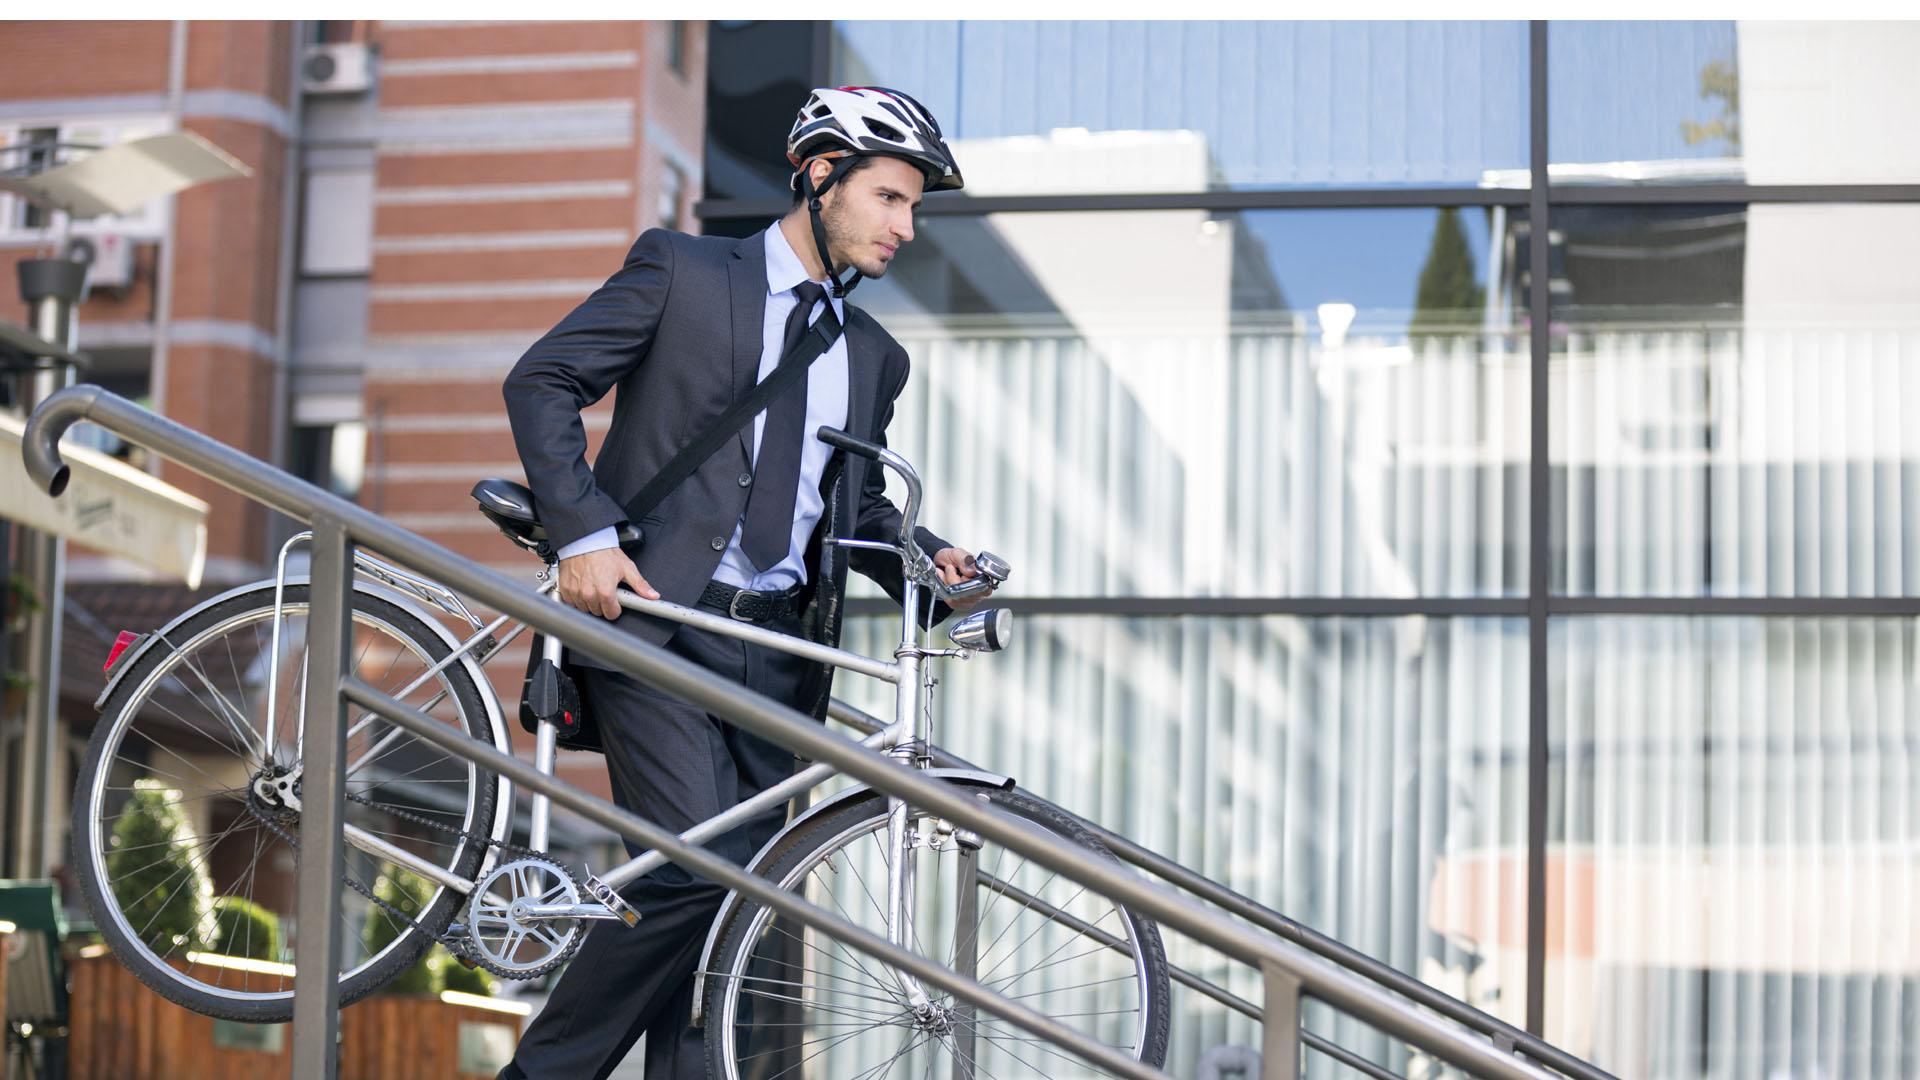 La capital noruega pretende estar libre de vehículos en cuatro años, mientras que la cuidad alemana Hamburgo plantea lograrlo en dos décadas